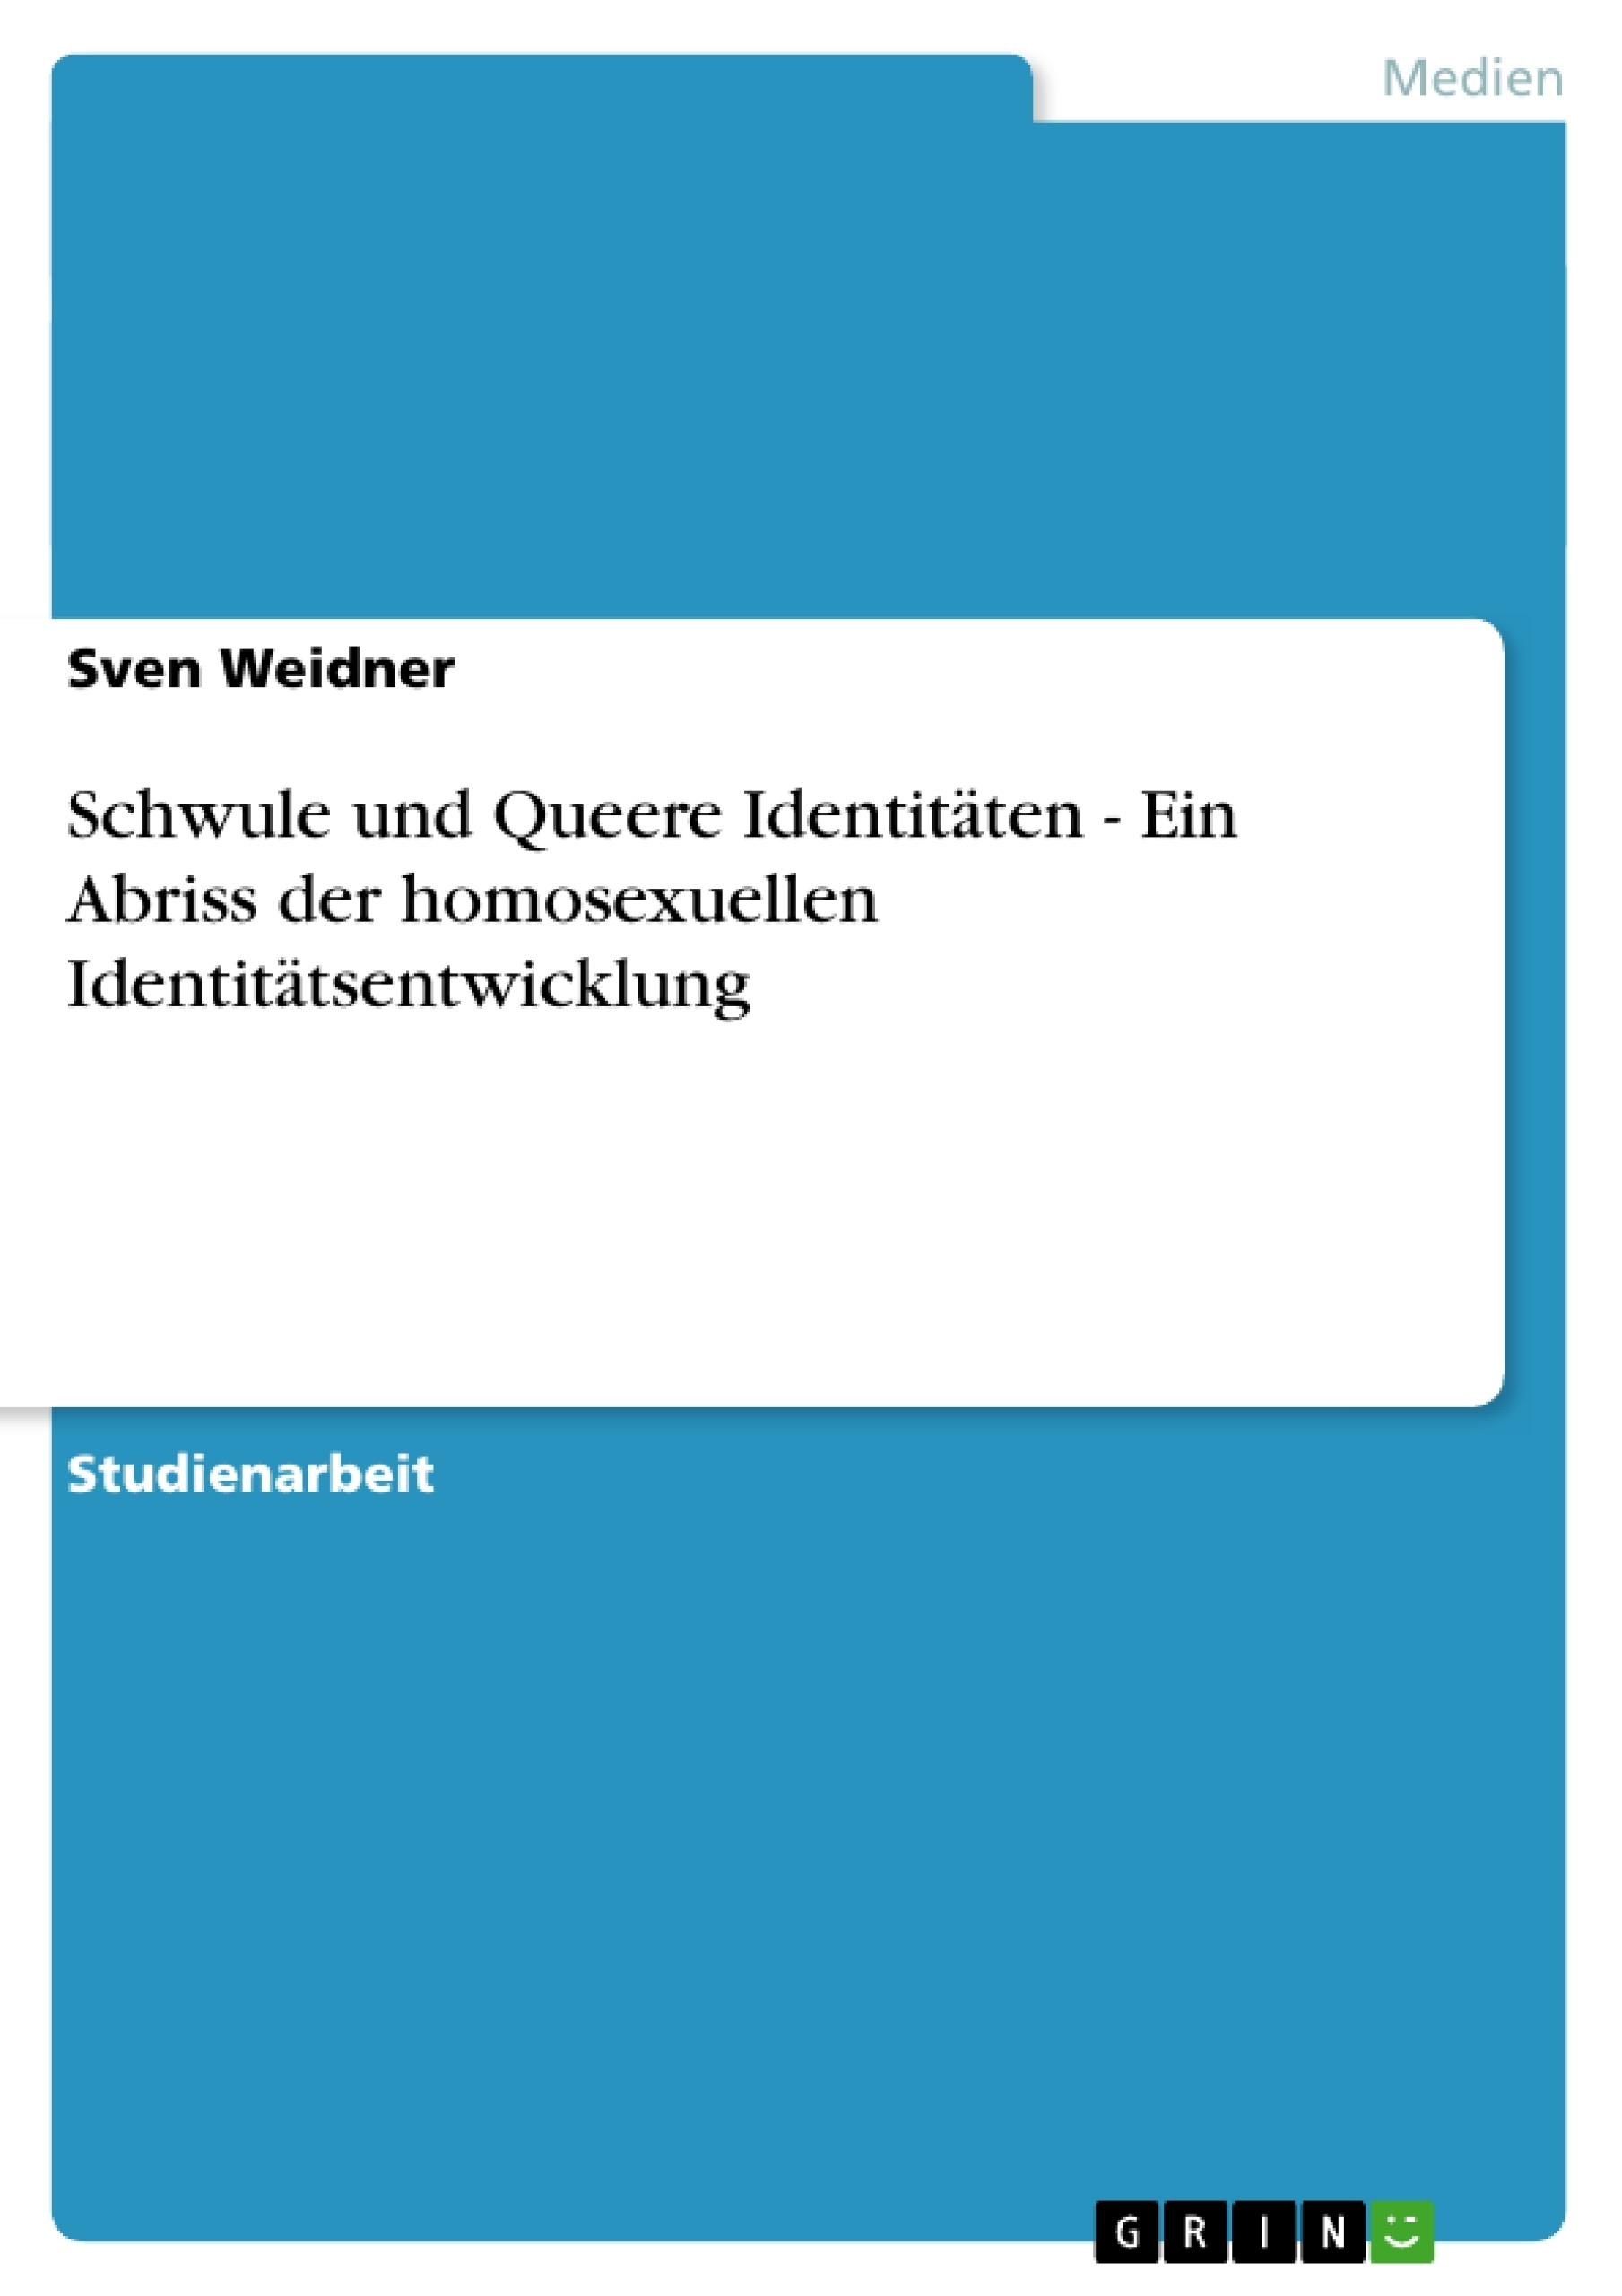 Titel: Schwule und Queere Identitäten - Ein Abriss der homosexuellen Identitätsentwicklung